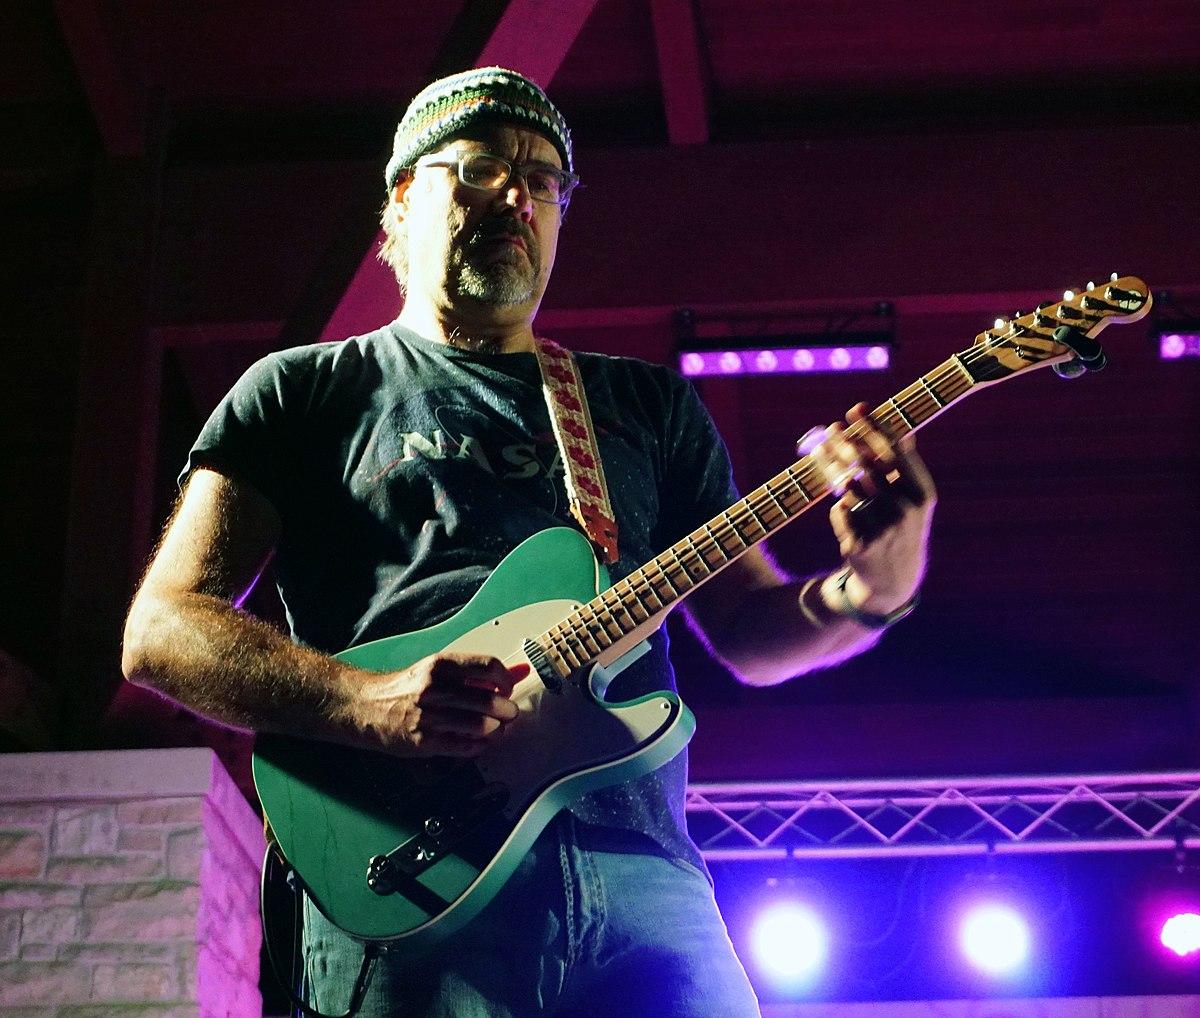 Greg Koch - Greg Koch Guitarist